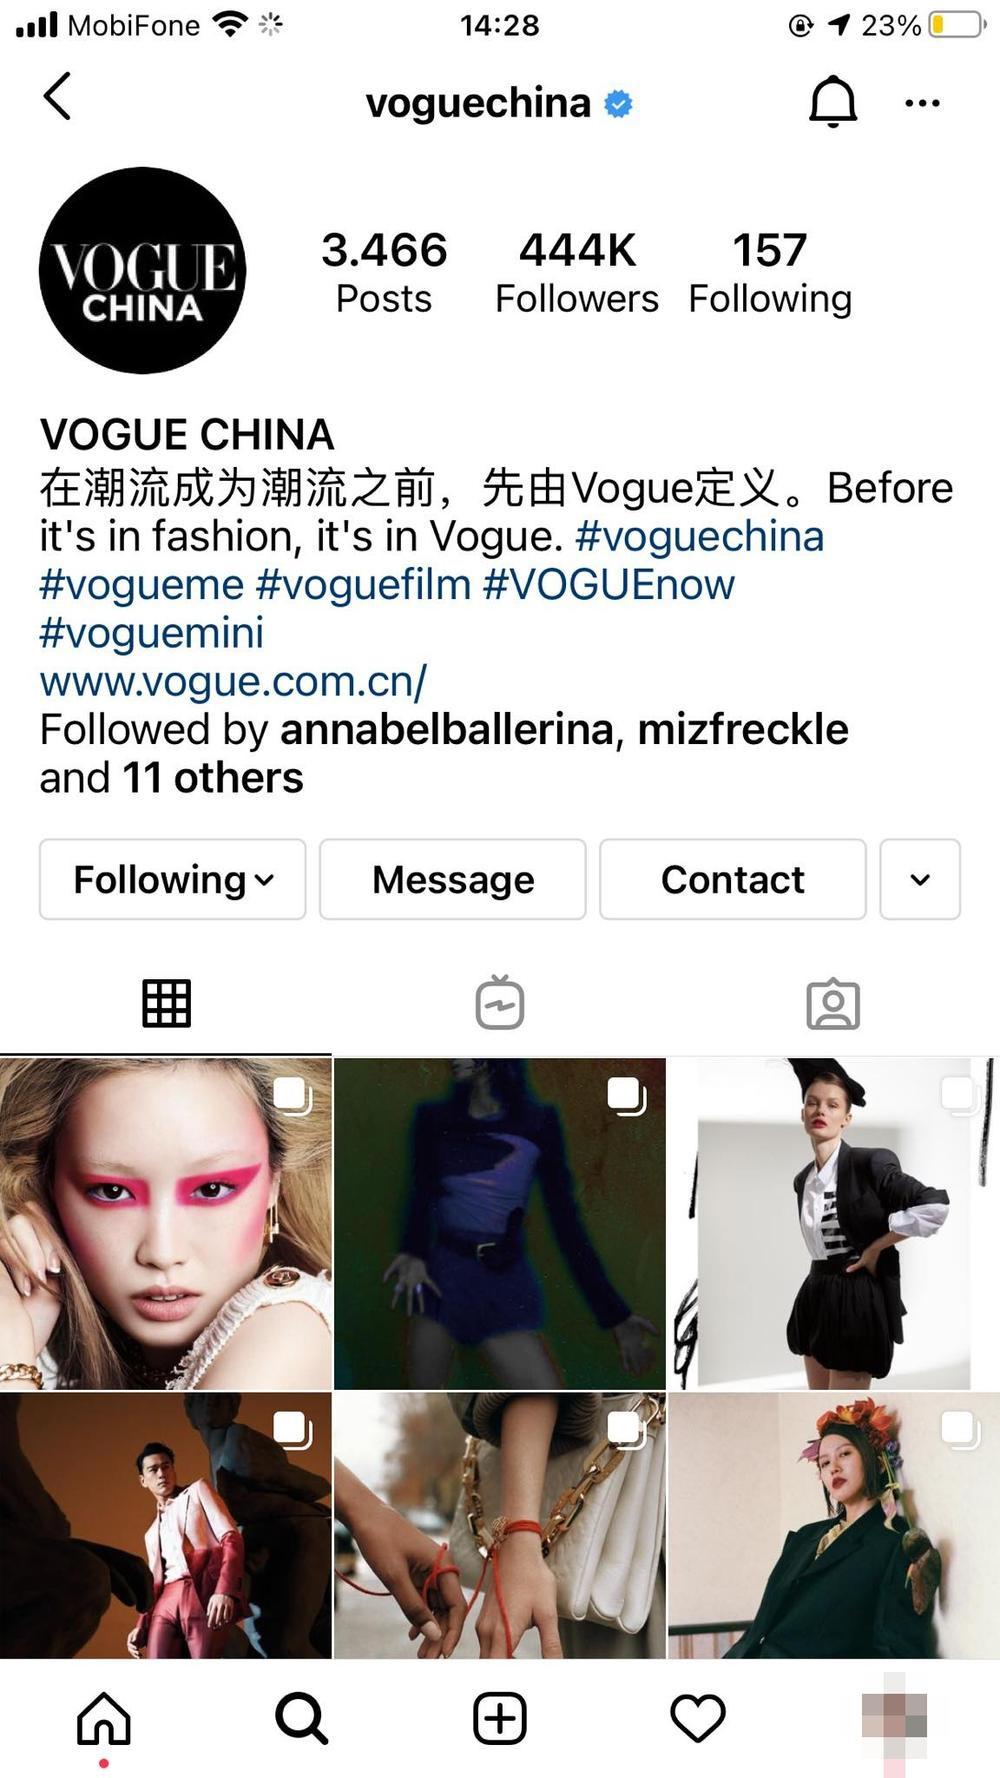 Tổng biên tập tạp chí Vogue Trung Quốc chỉ mới 28 tuổi gây tranh cãi trên mạng xã hội Ảnh 7